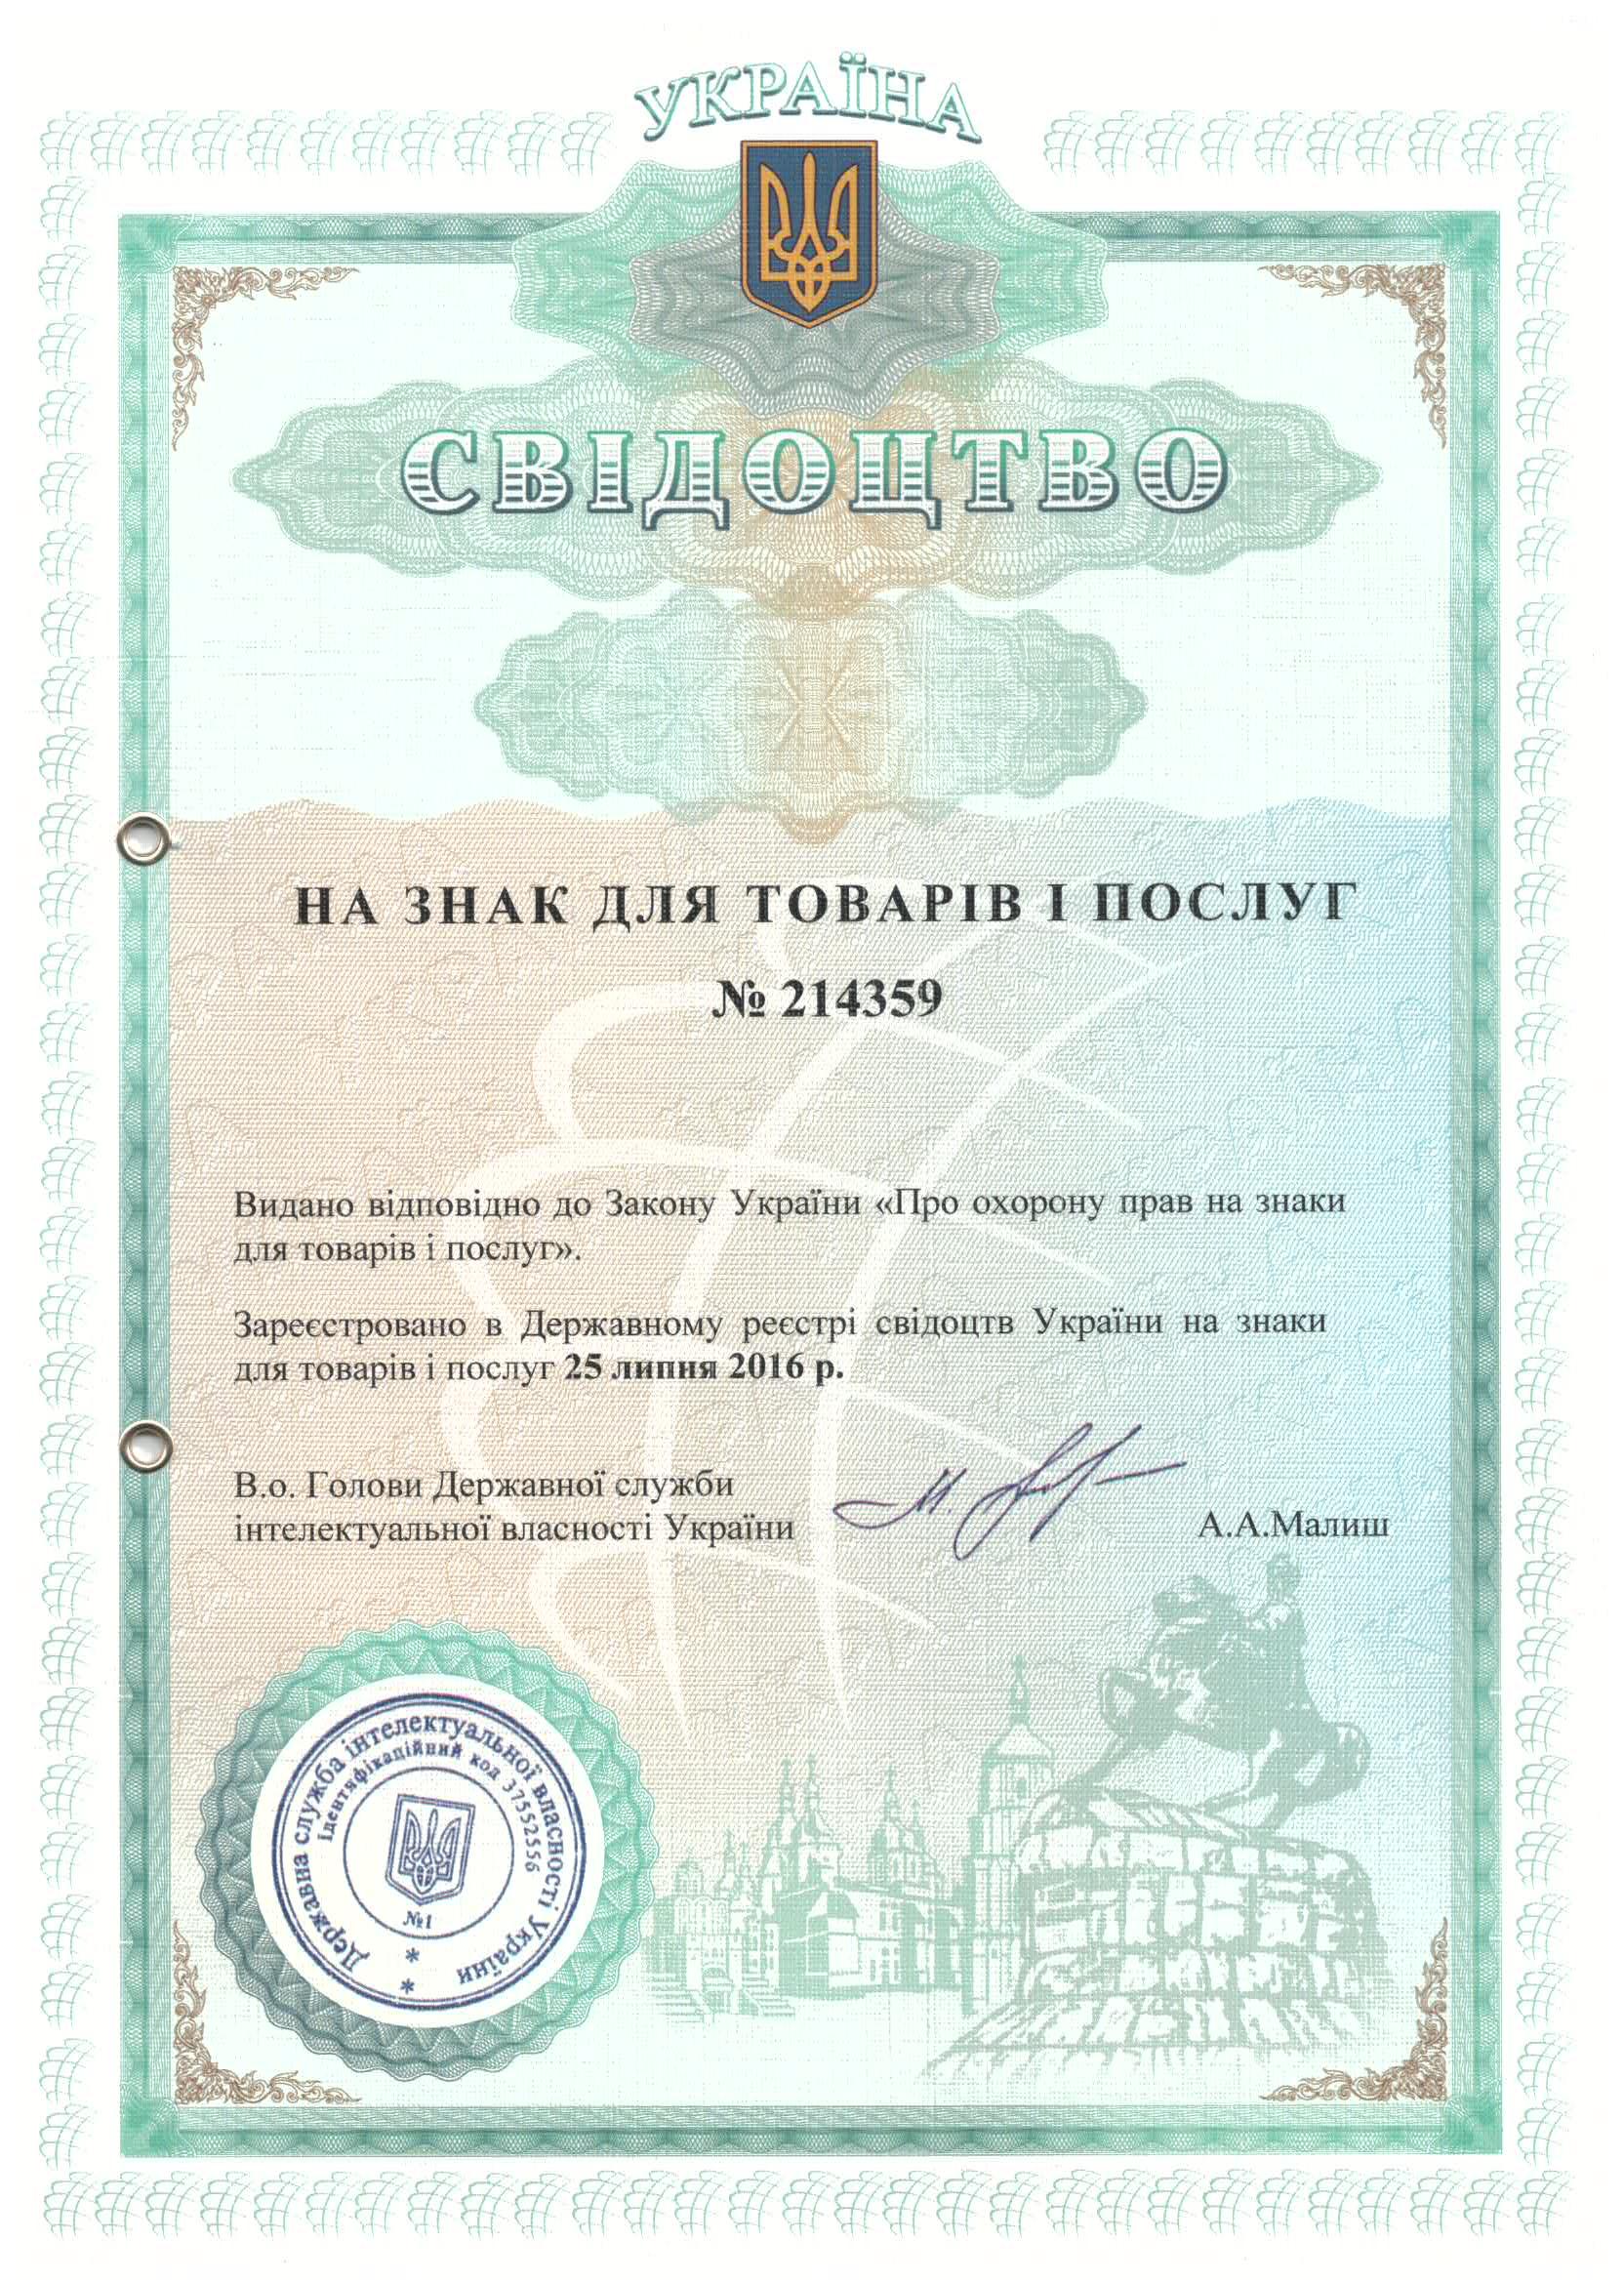 Svidotstvo-na-TM-1